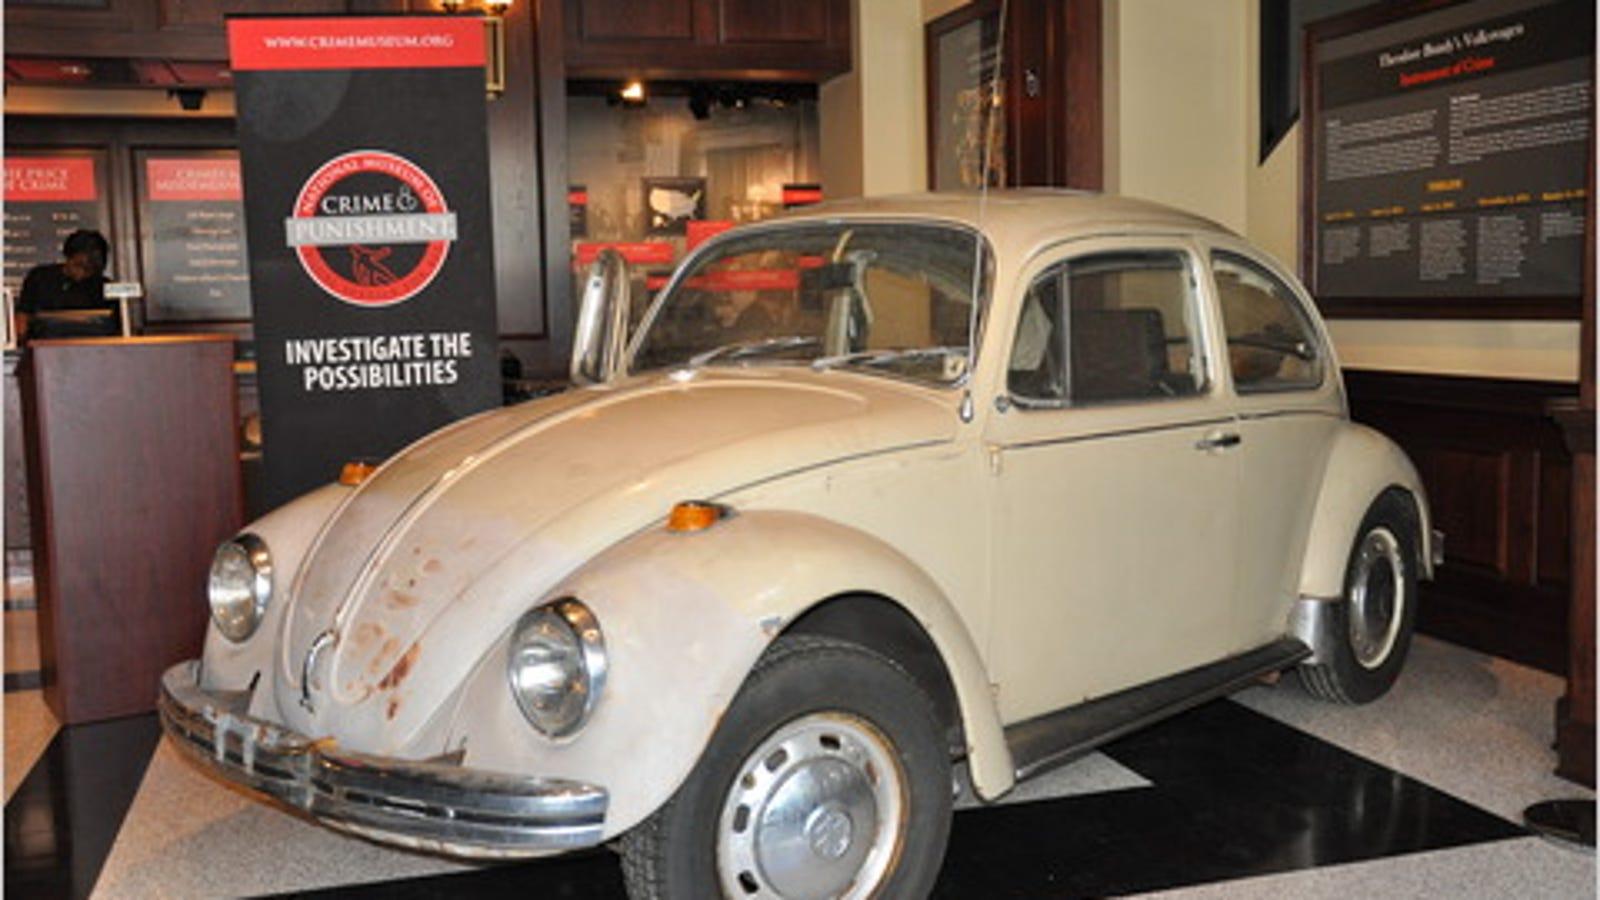 Companies Owned By Volkswagen >> Ted Bundy's VW Beetle On Display In Creepy Museum